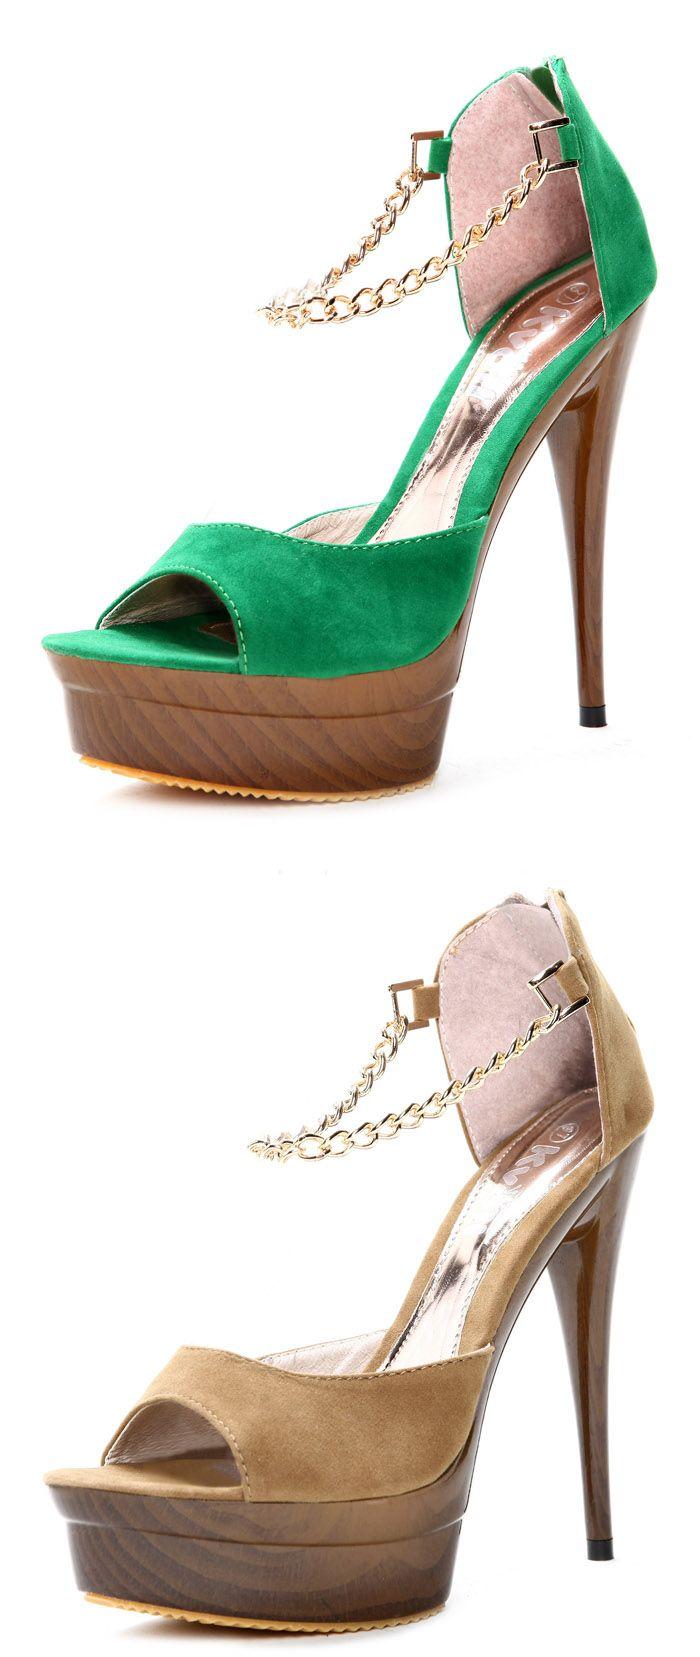 e907a4fb0ad3 Zapatos Mujer, Moda Koreana X21751 - Zapatos de Diseñador. Marca ...